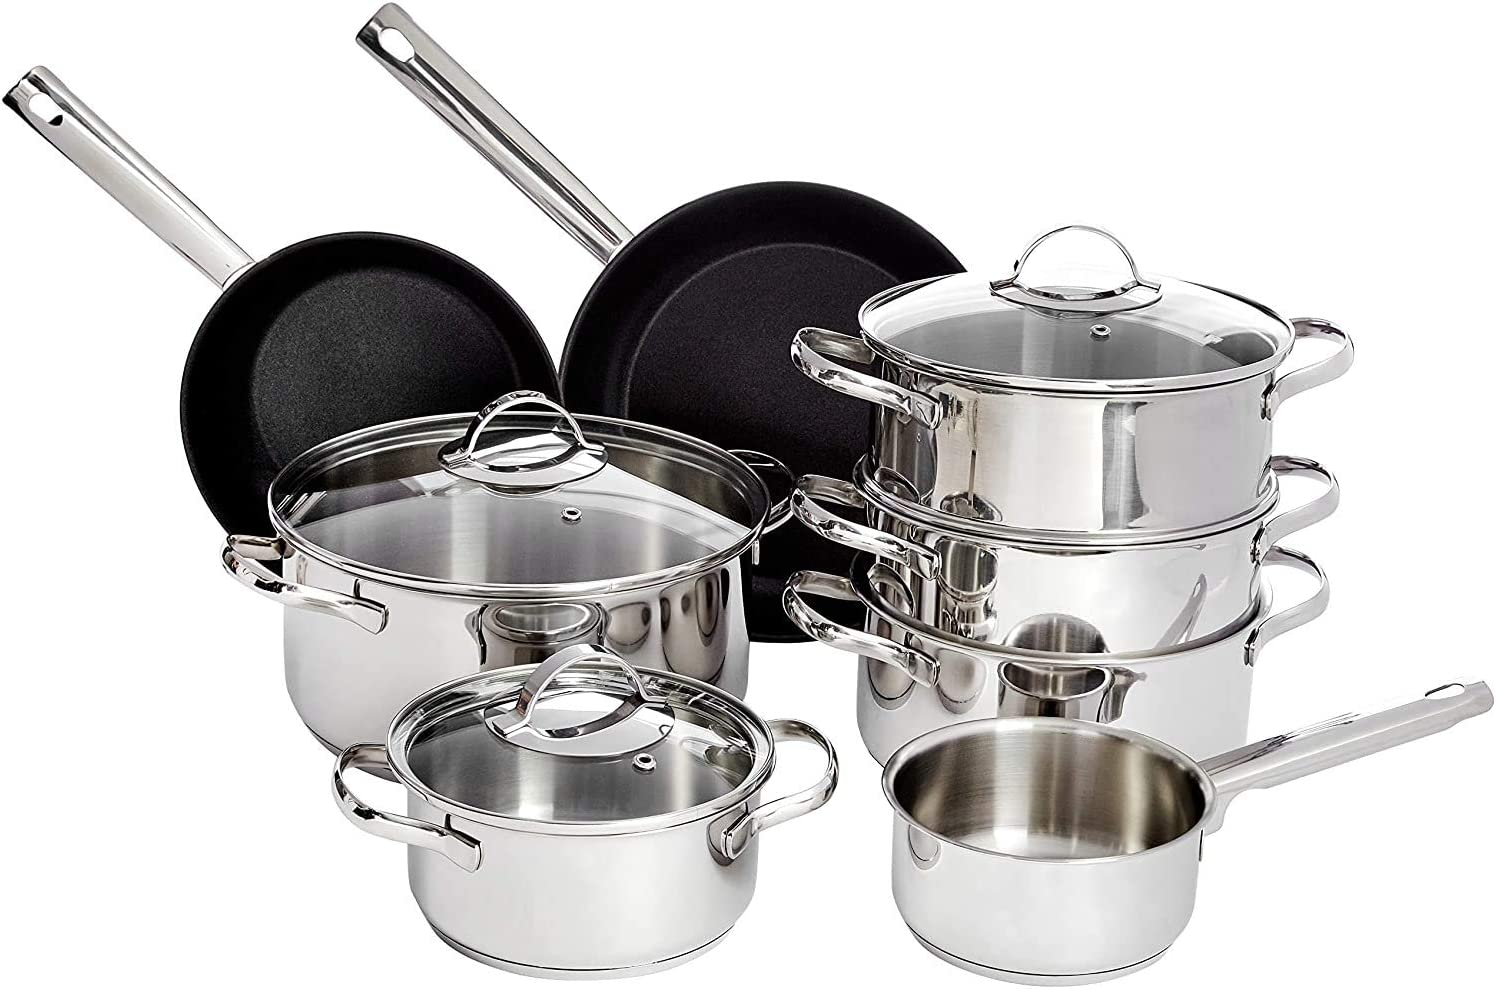 Amazon Basics Juego de Utensilios de Cocina - 11 Piezas, Sartenes y Ollas para Cocina de Inducción, Acero Inoxidable, con Tapas